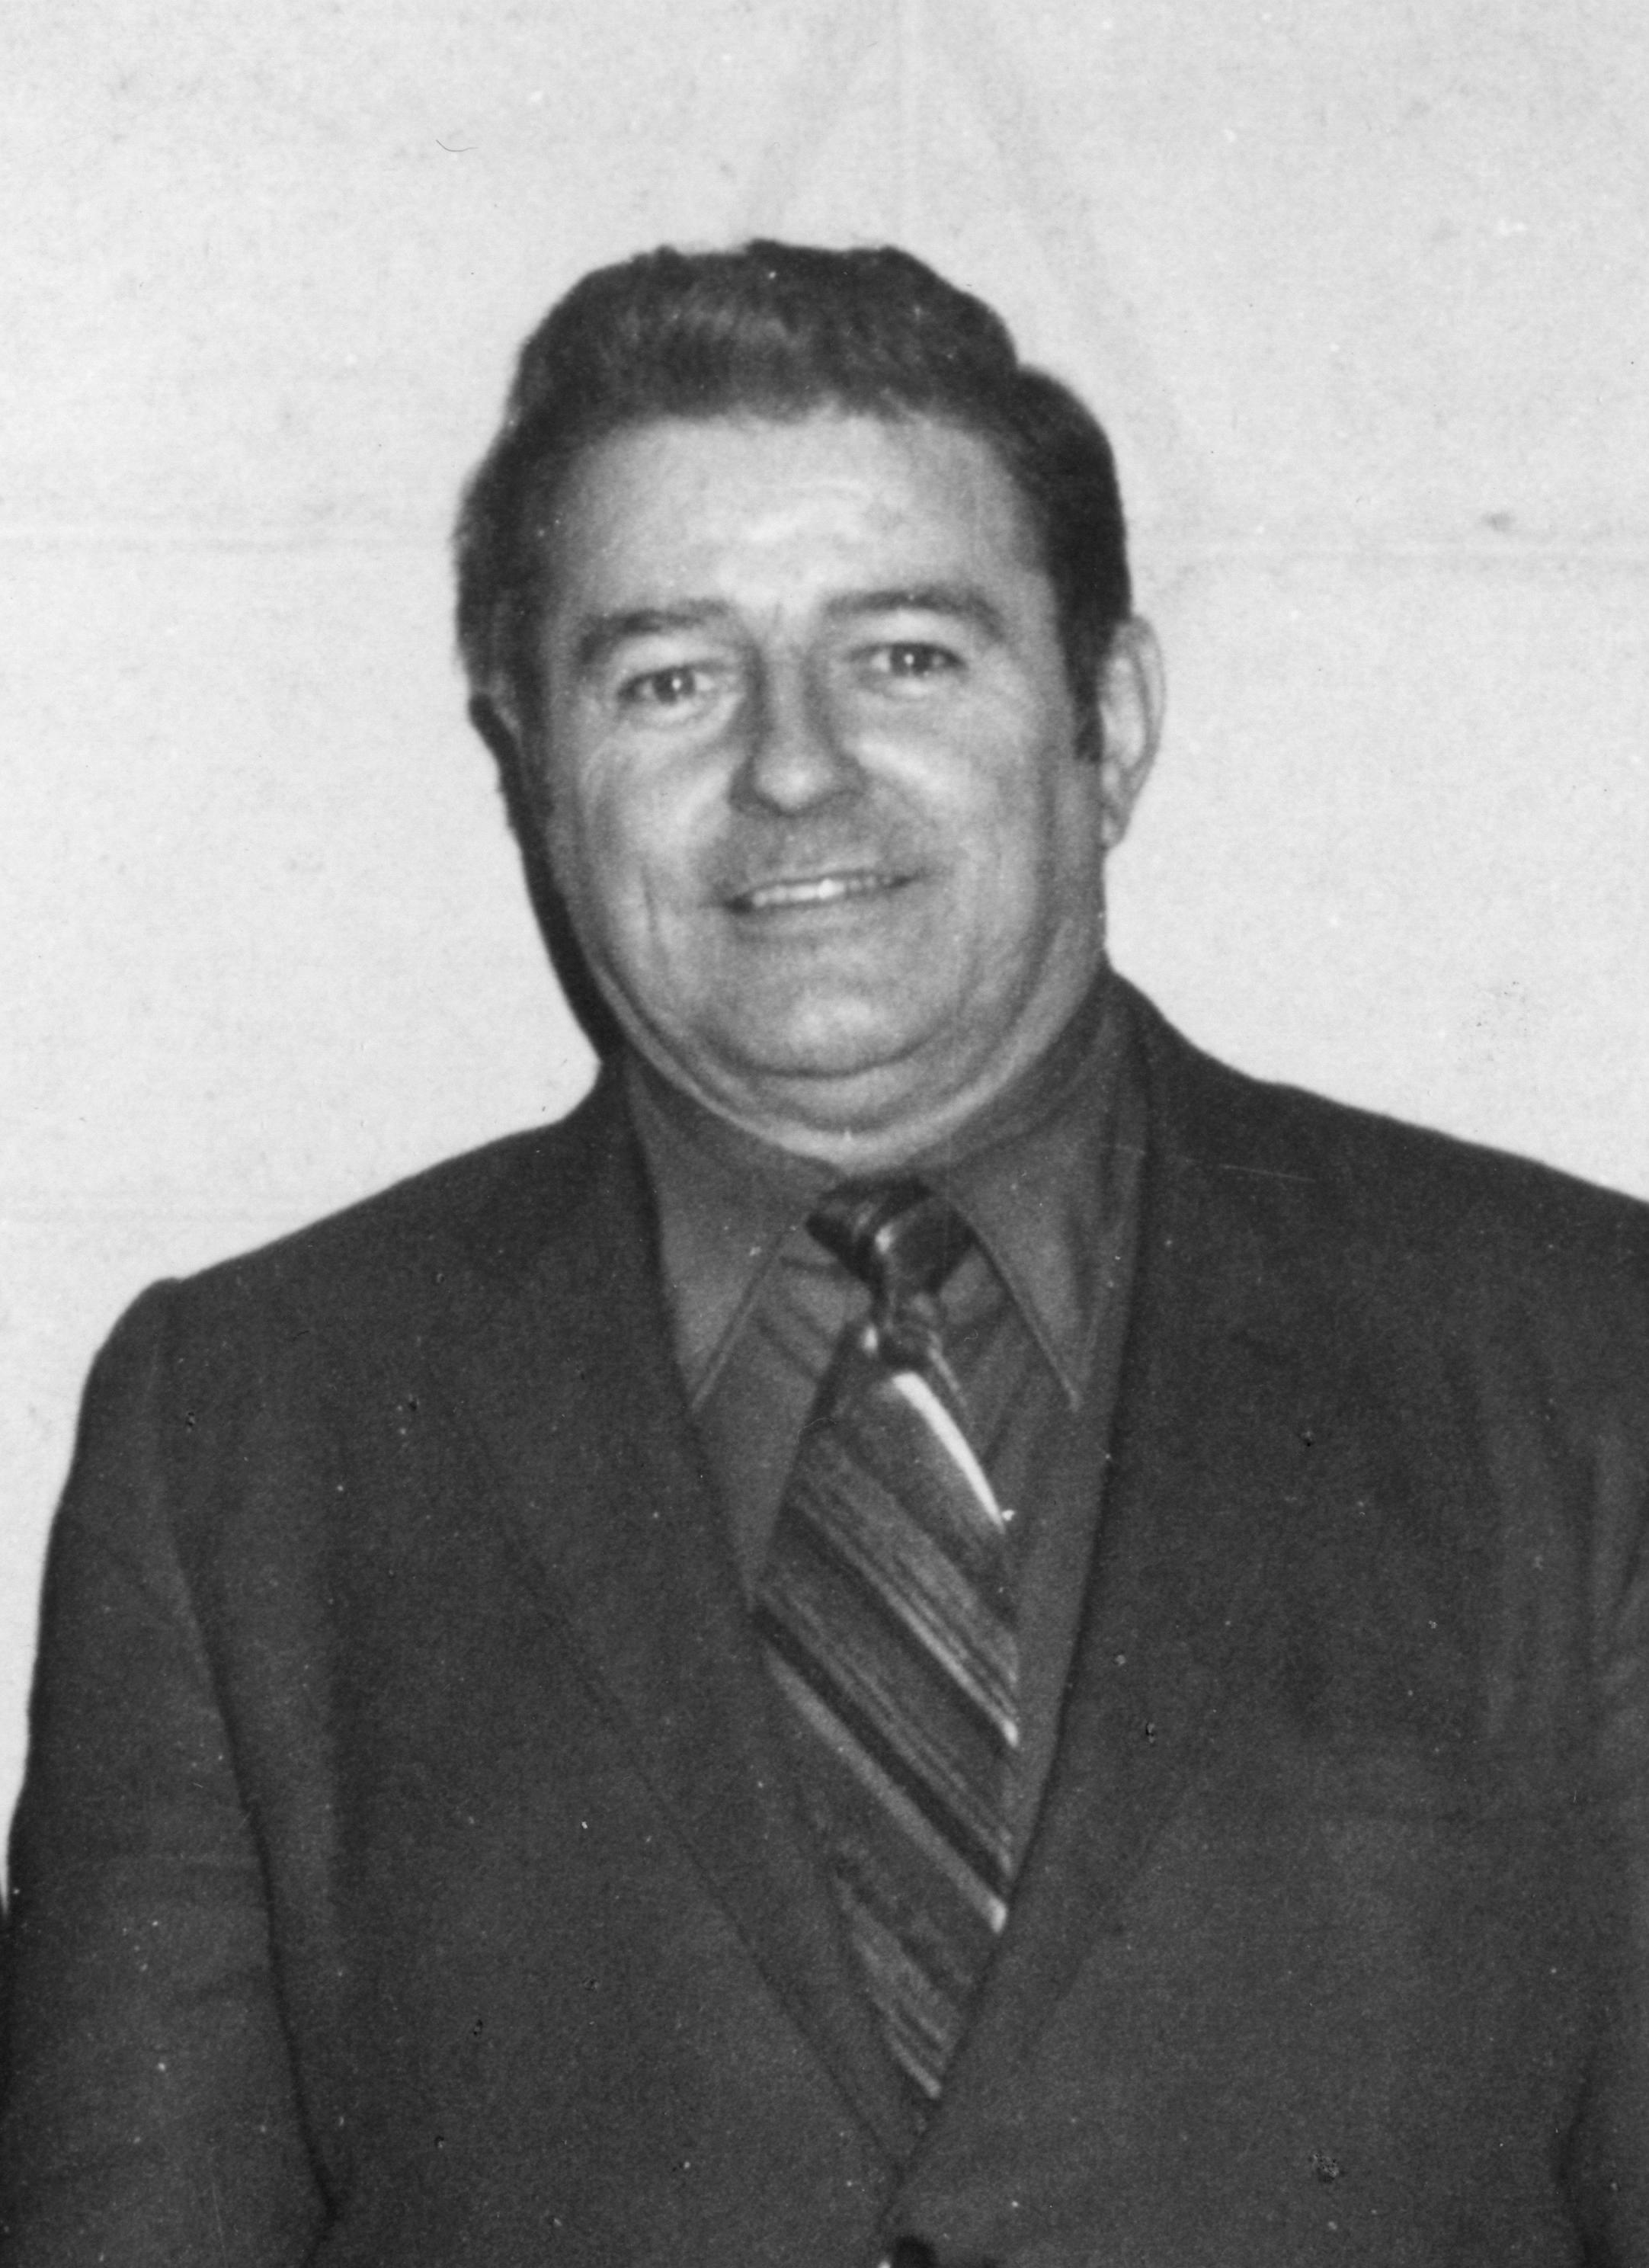 Vance Toner